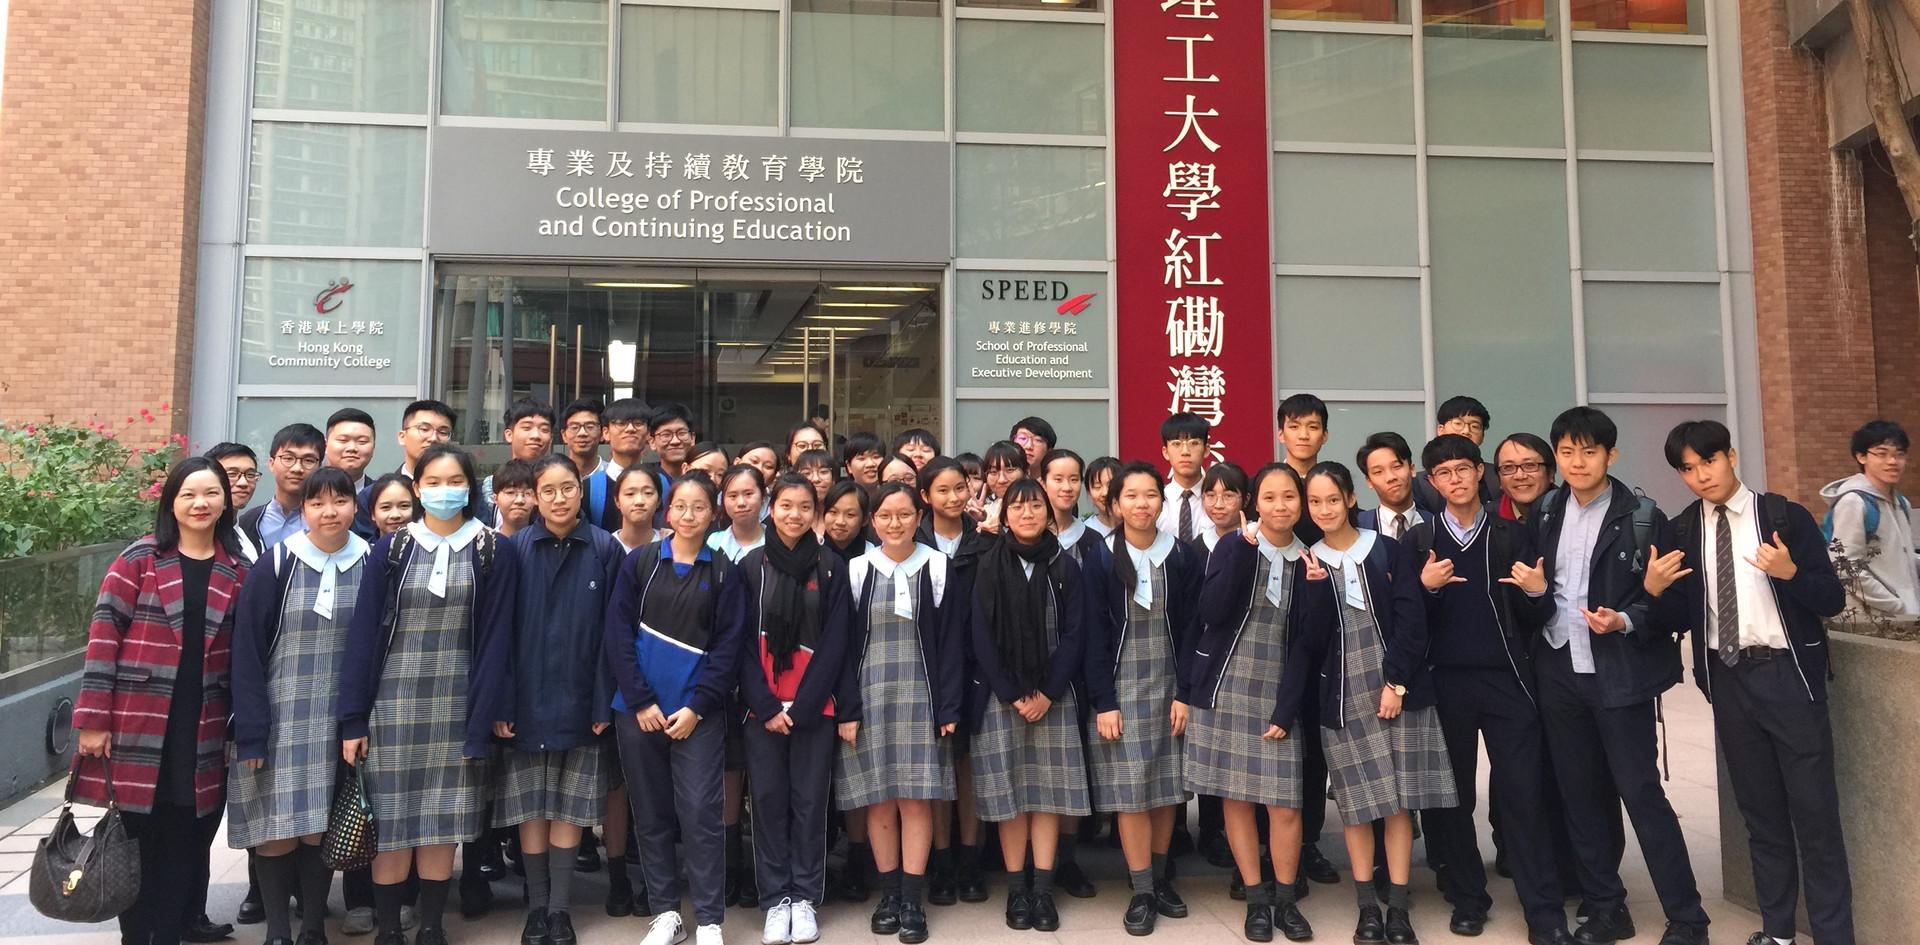 參觀香港專上學院 - 紅磡灣校園